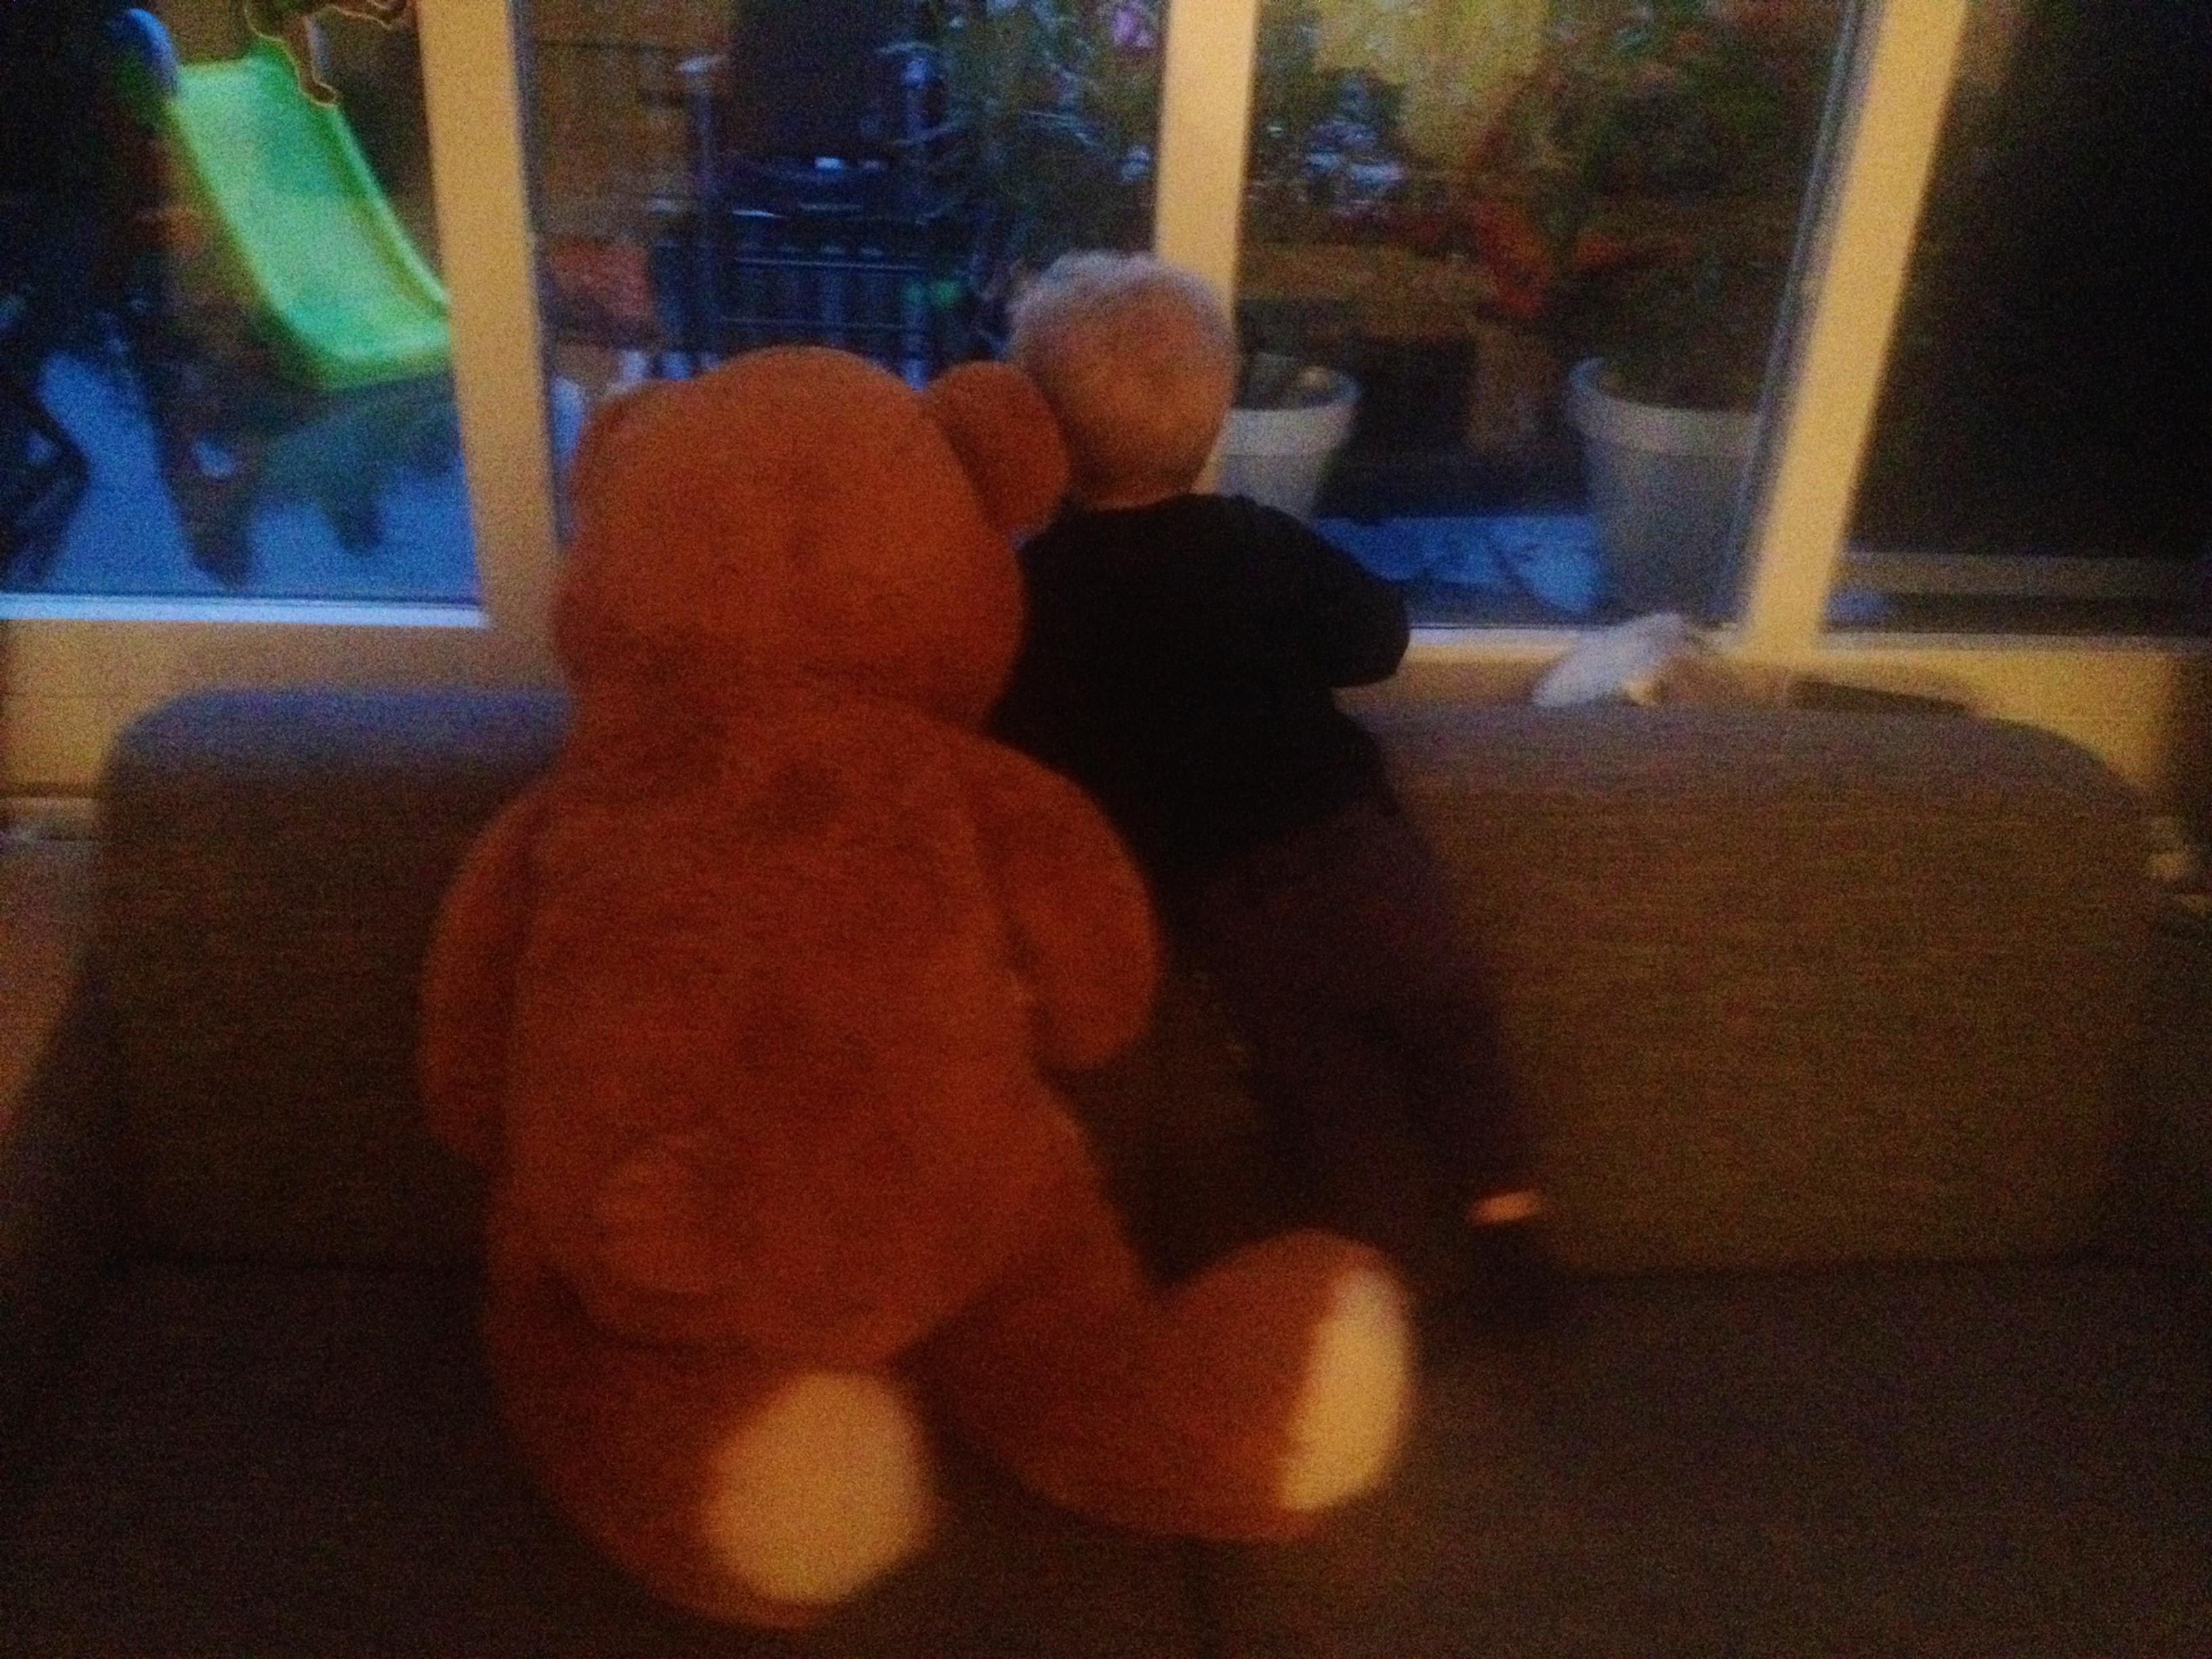 Hug a Bear Day